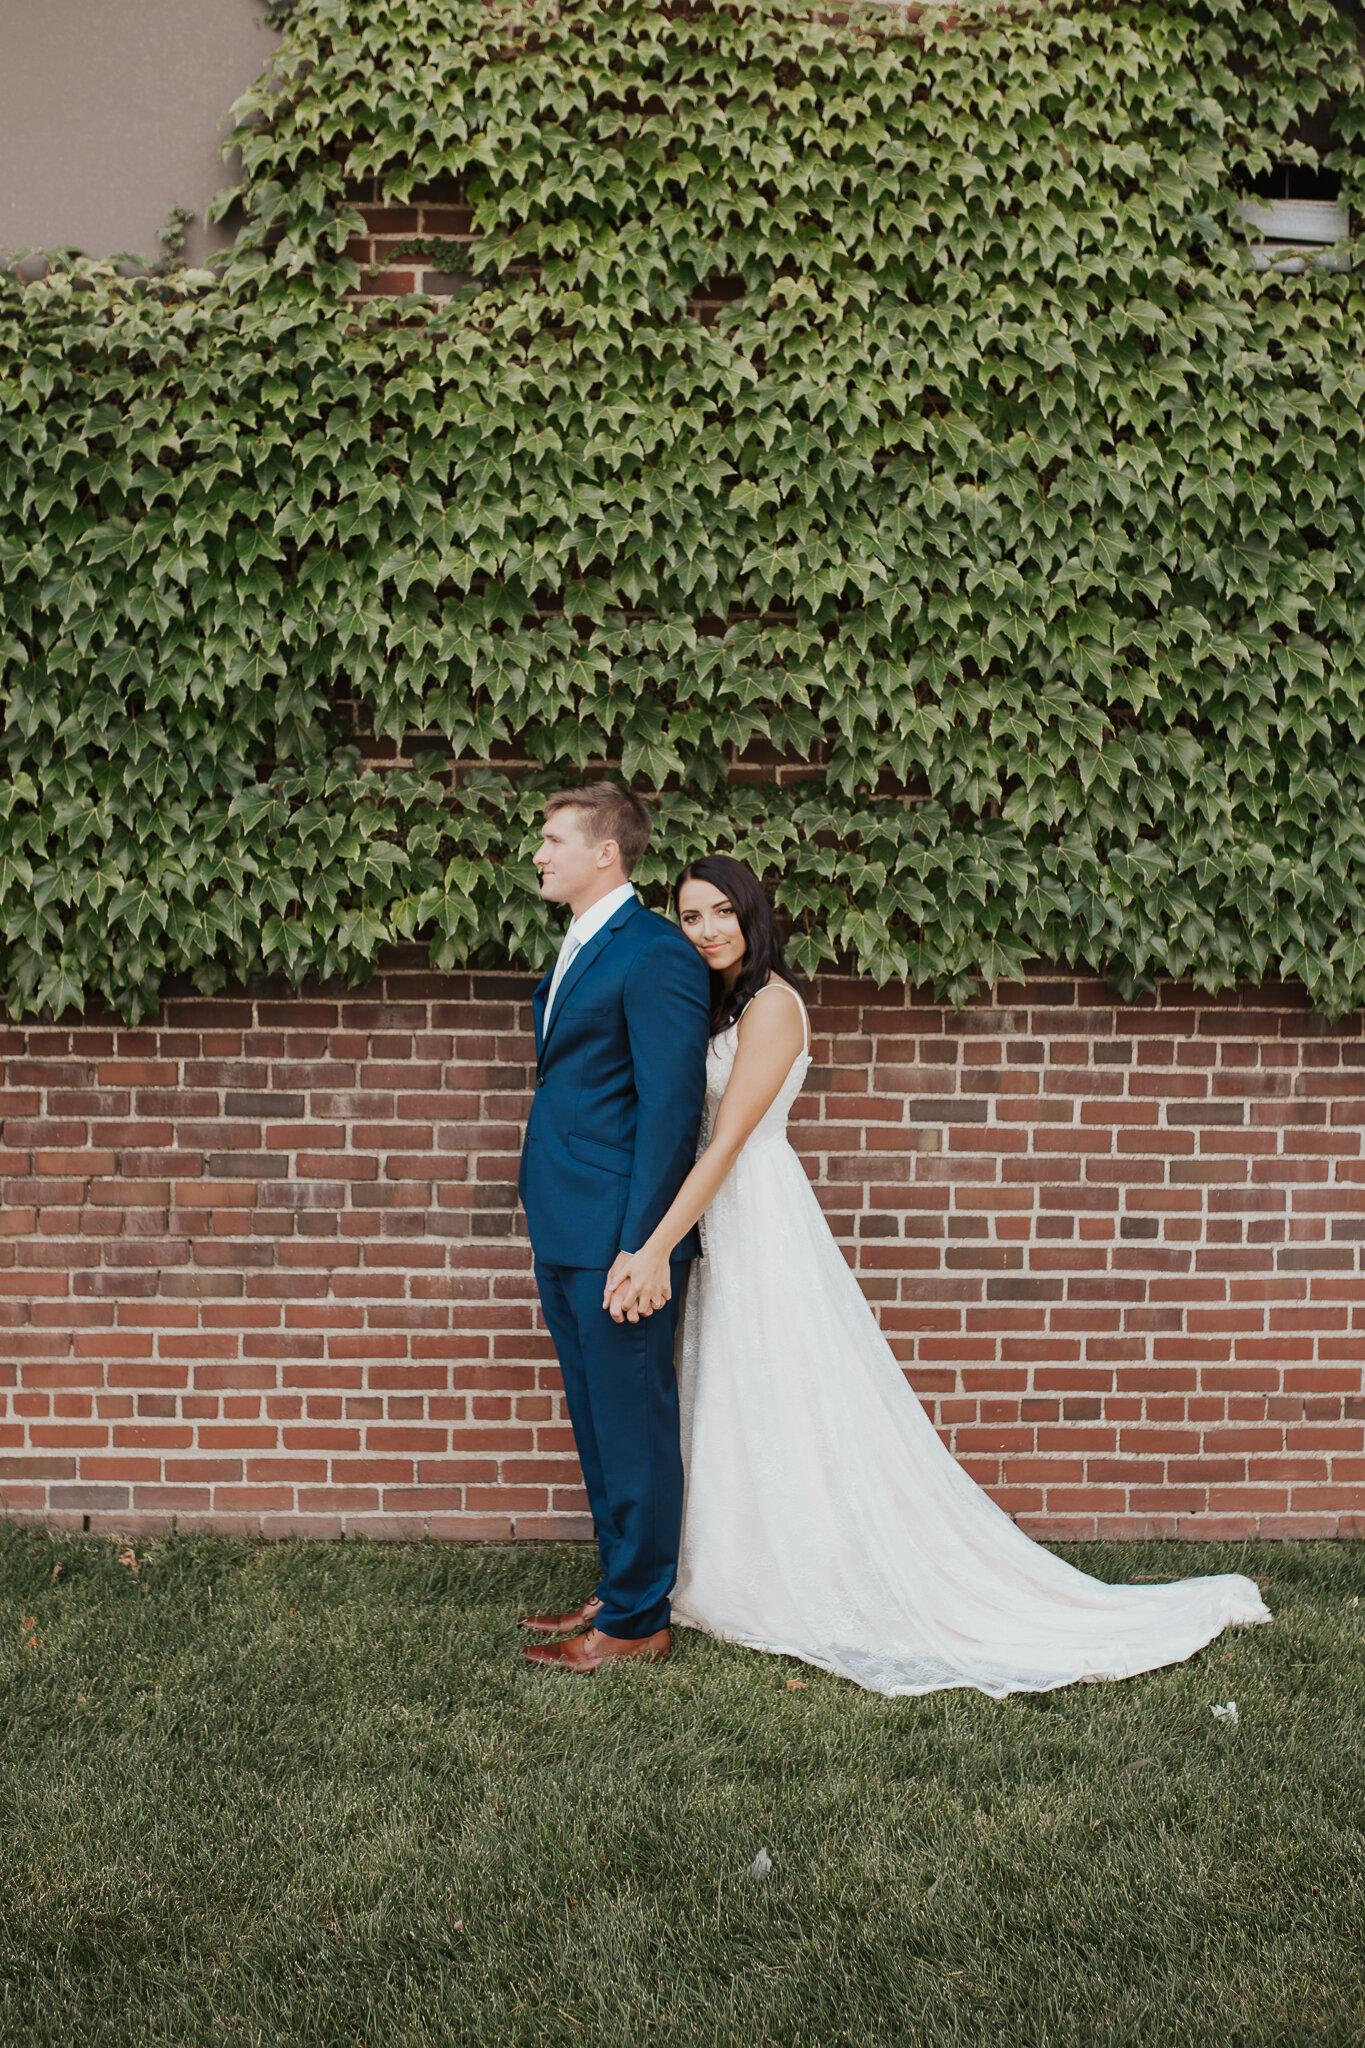 KirstenMatt-Wedding-15.jpg